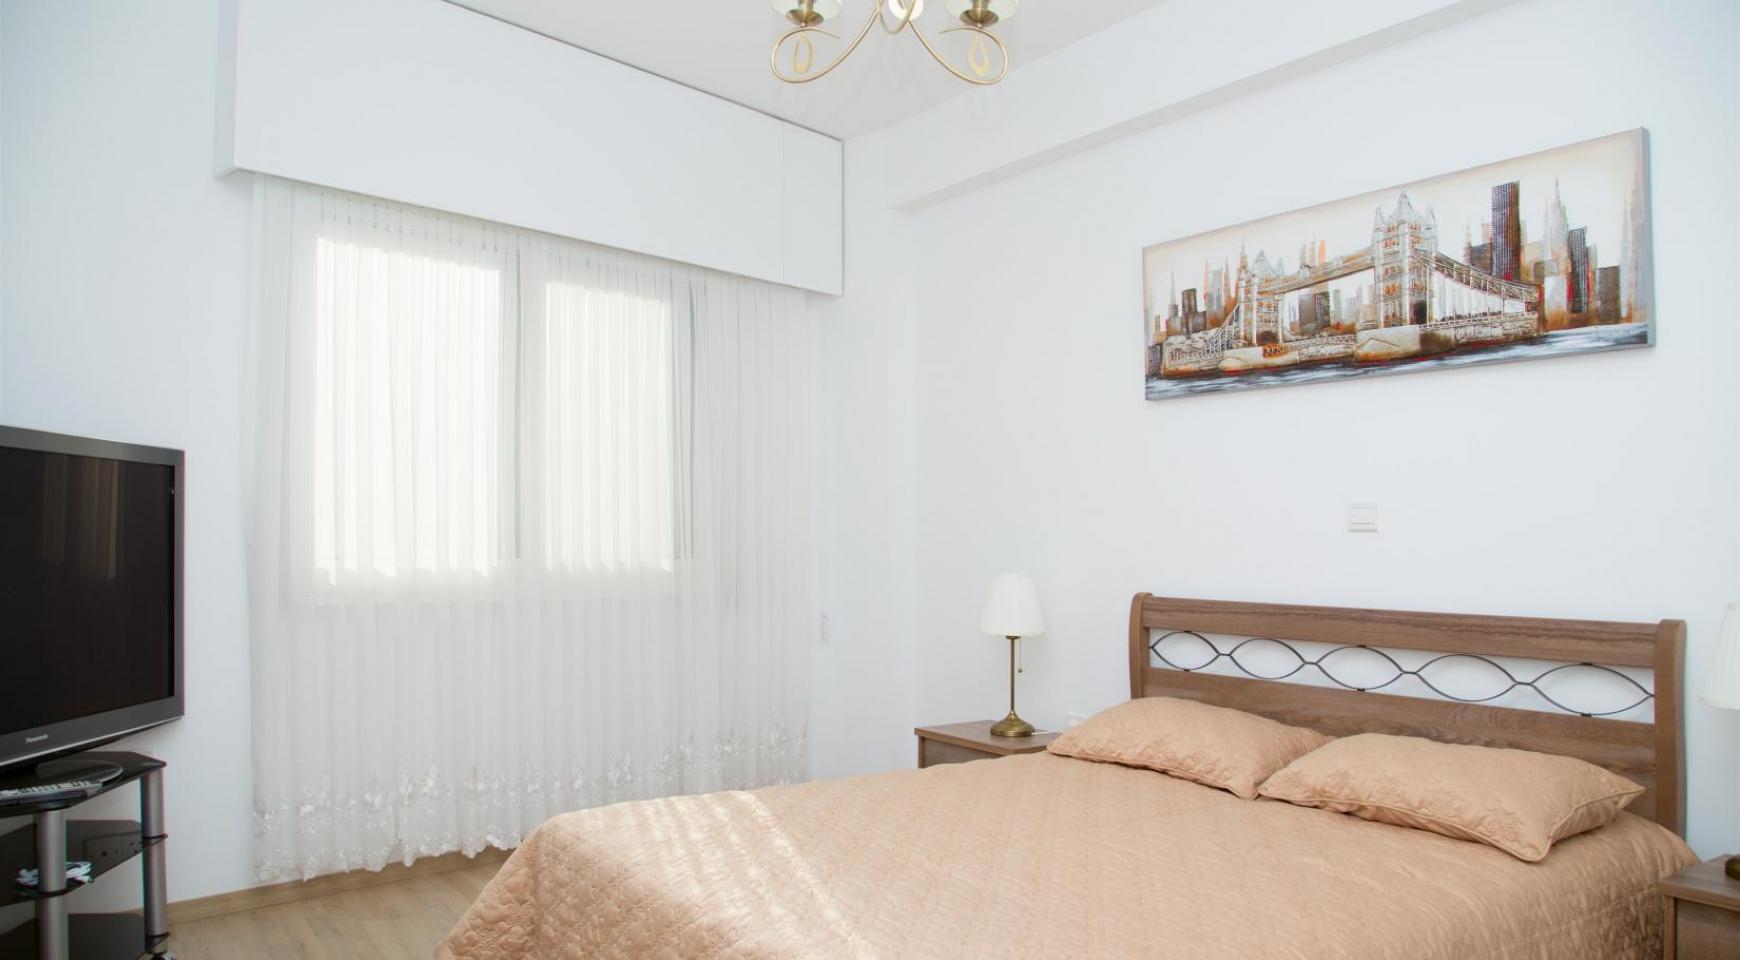 Полностью Отремонтированная 3-Спальная Квартира Класса Люкс на Первой Линии от Моря - 18